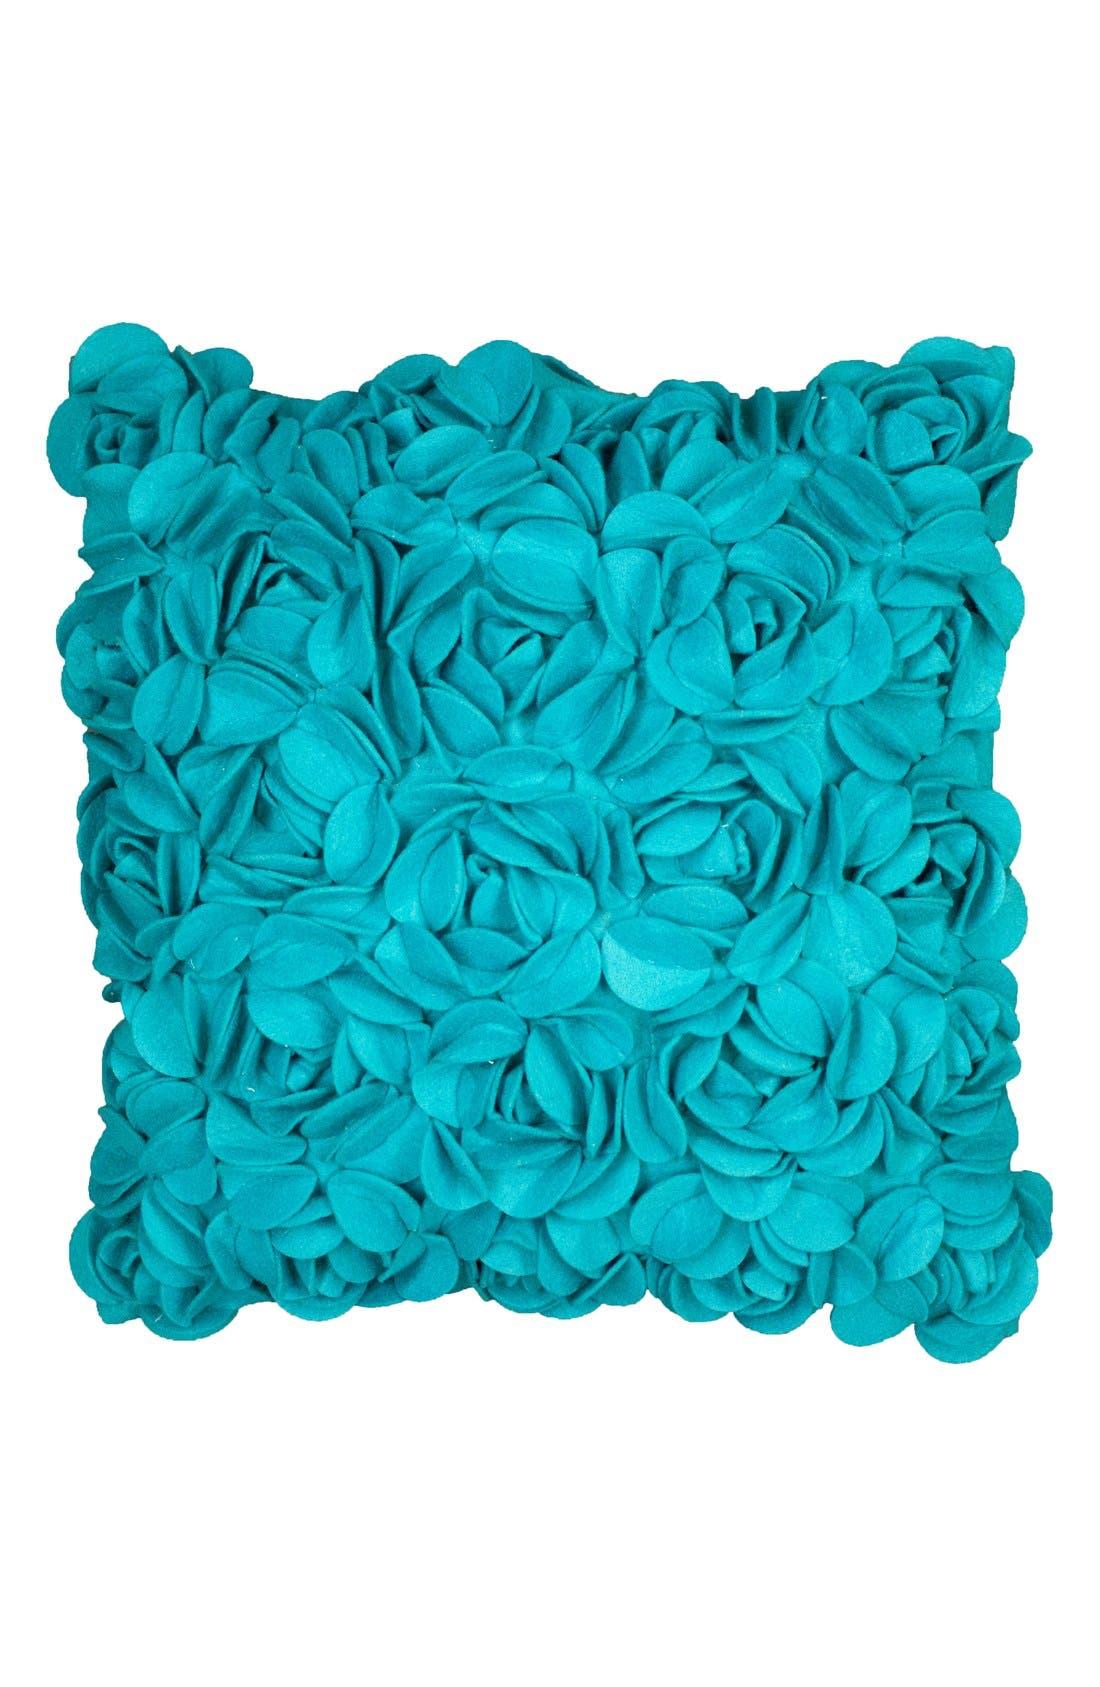 KAS Designs 3D Flower Pillow